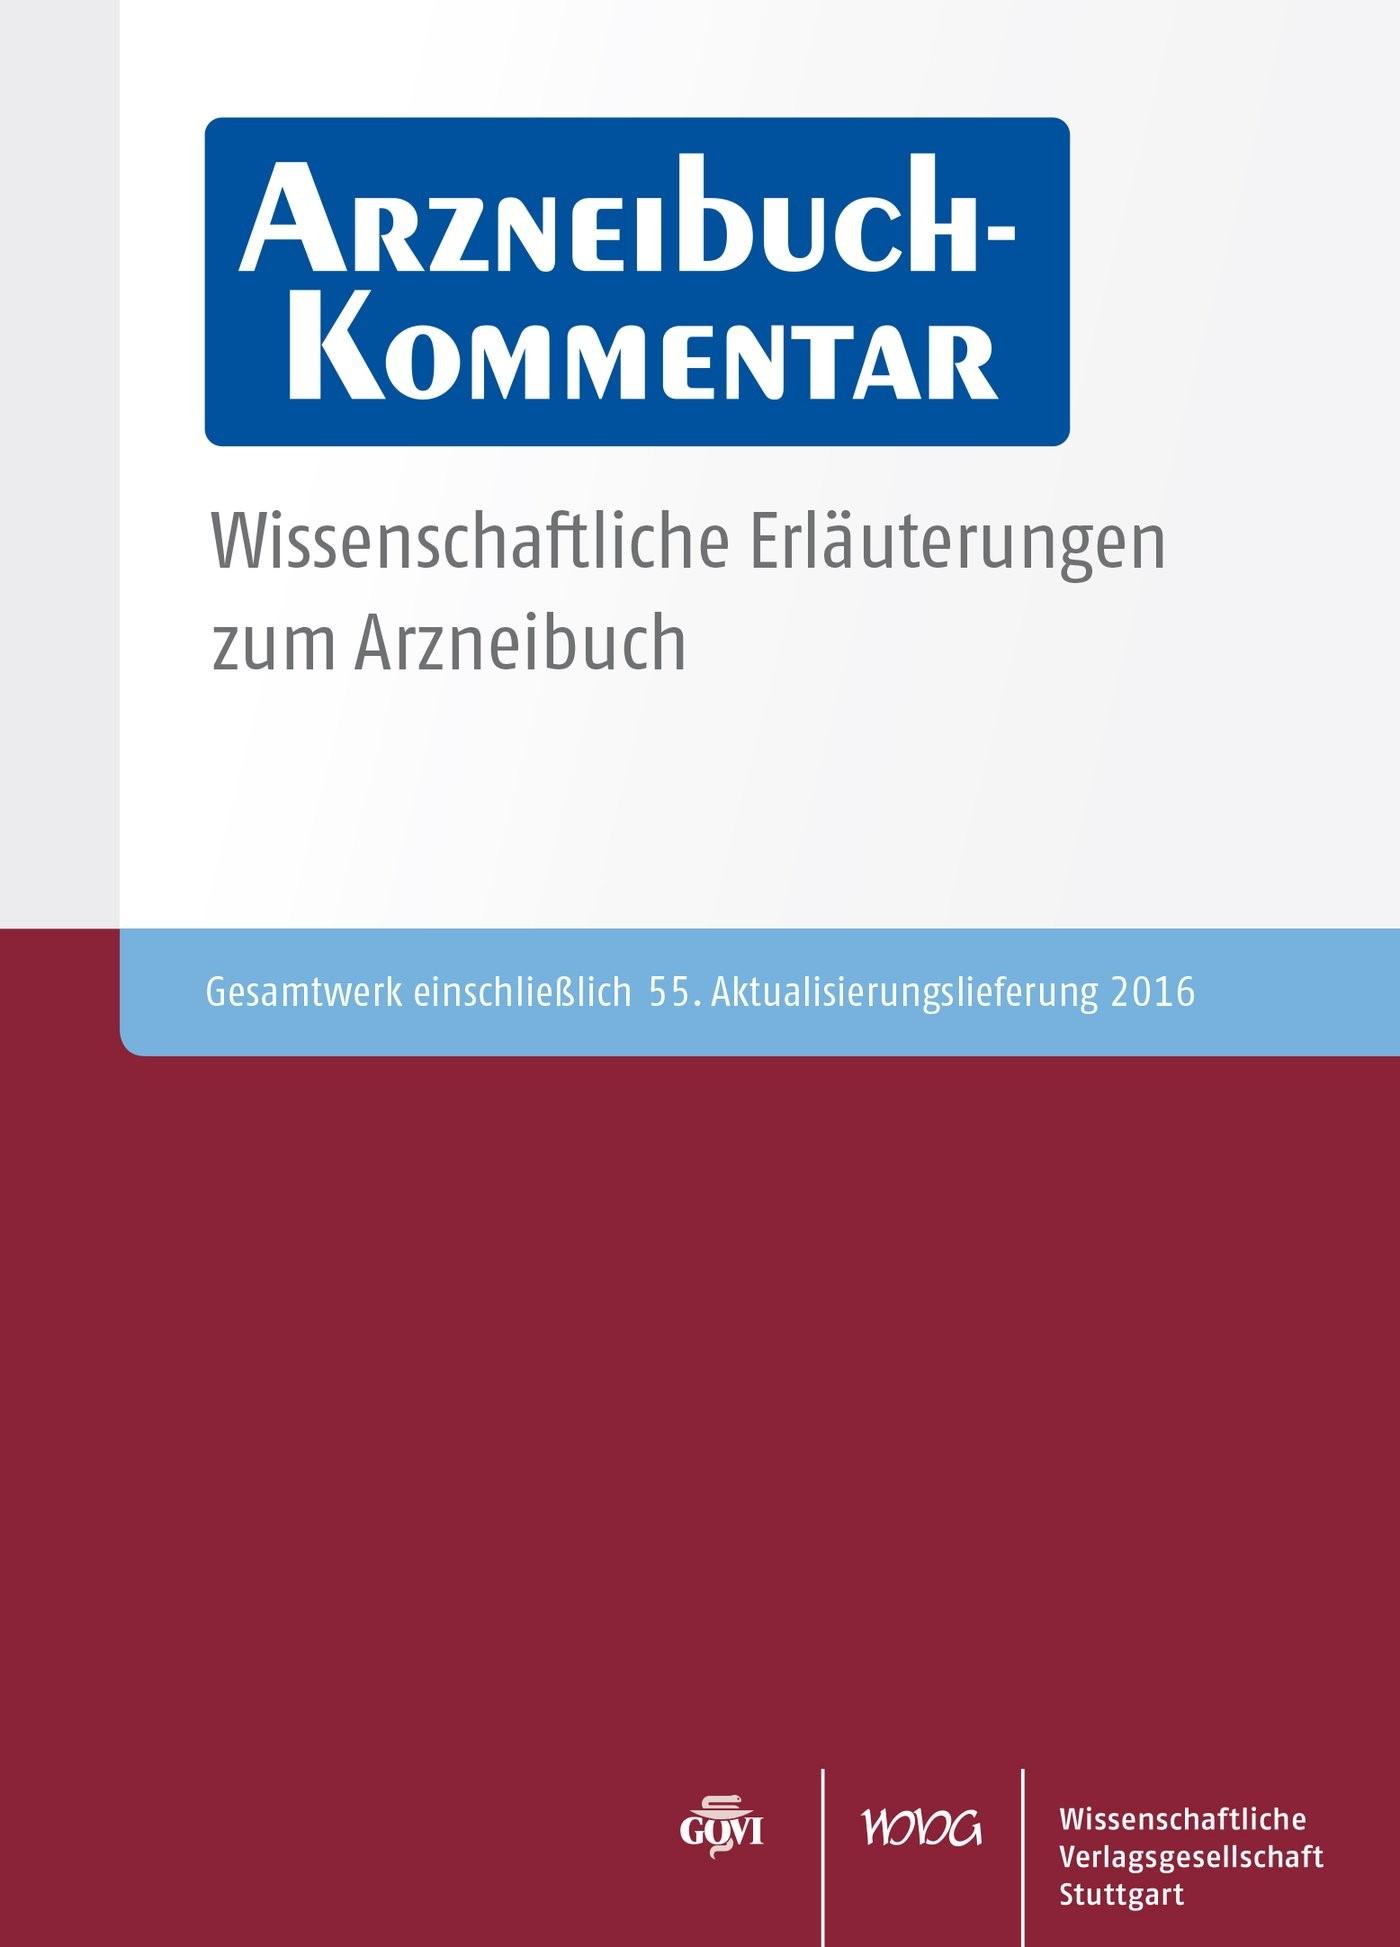 Arzneibuch-Kommentar CD-ROM VOL 55 | Bracher / Heisig / Langguth / Mutschler / Rücker / Schirmeister / Scriba / Stahl-Biskup / Troschütz, 2016 (Cover)